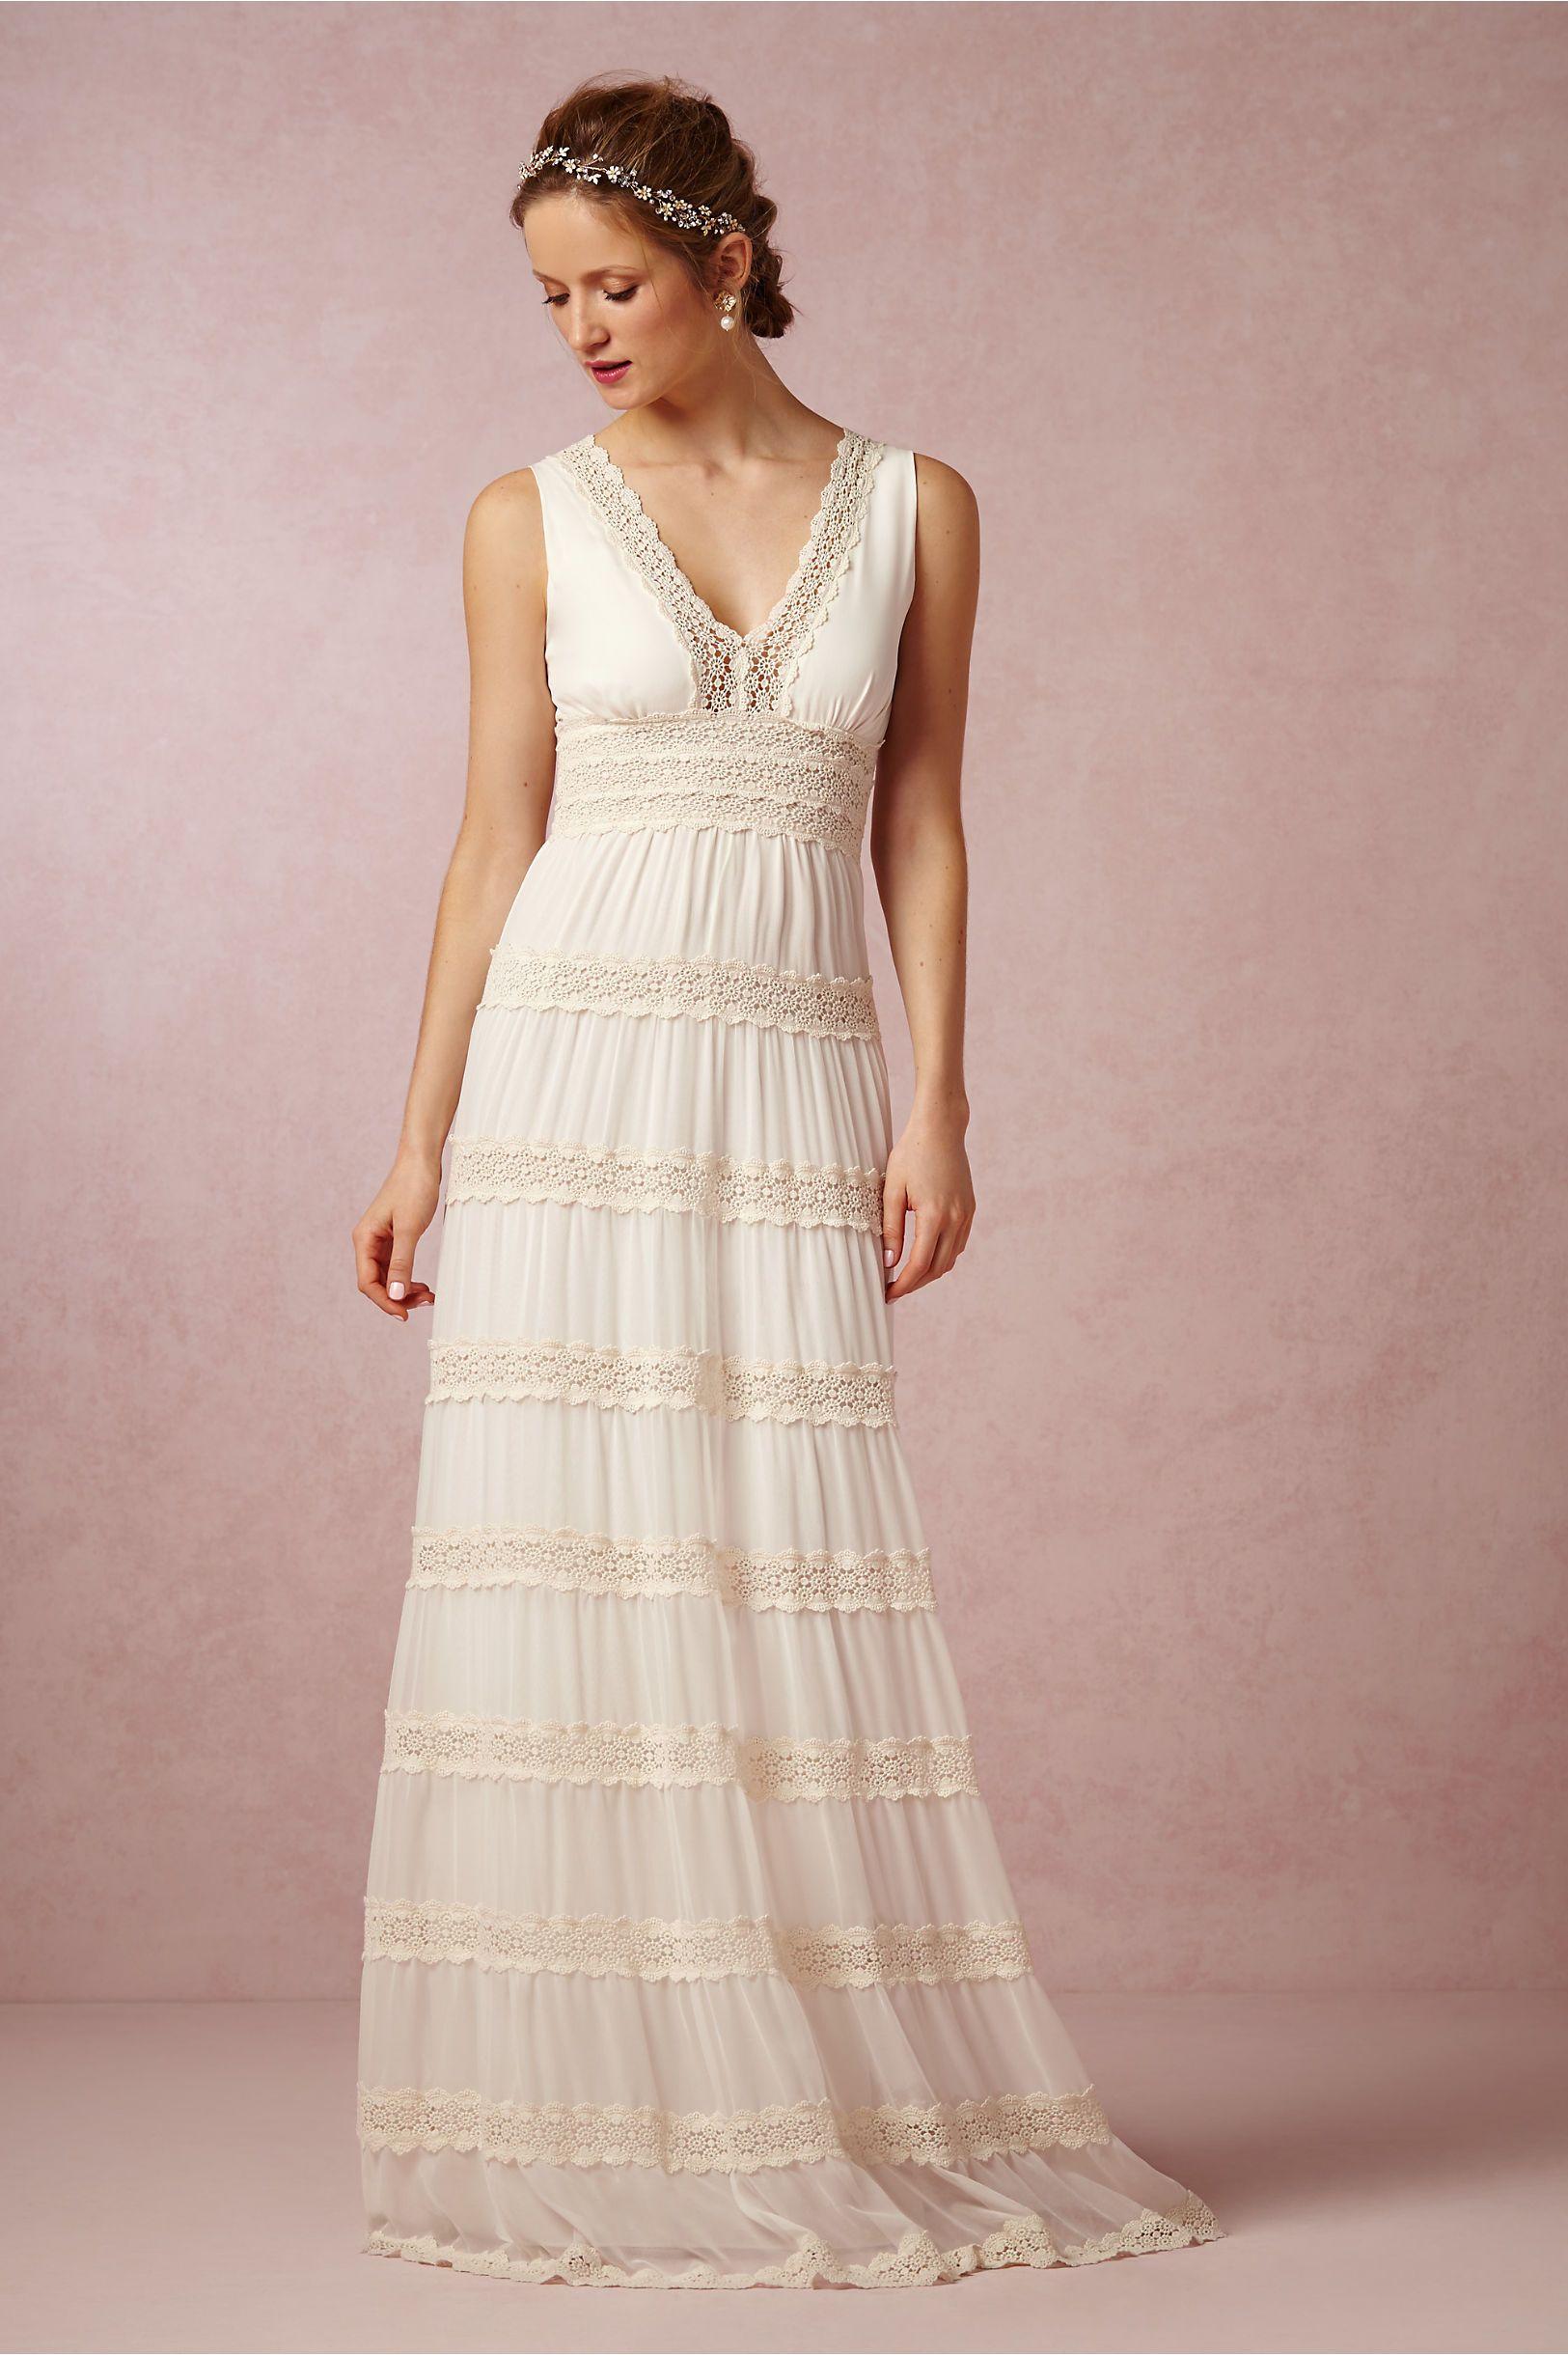 Rosemary Dress from BHLDN | Beachy Wedding Dresses | Pinterest ...